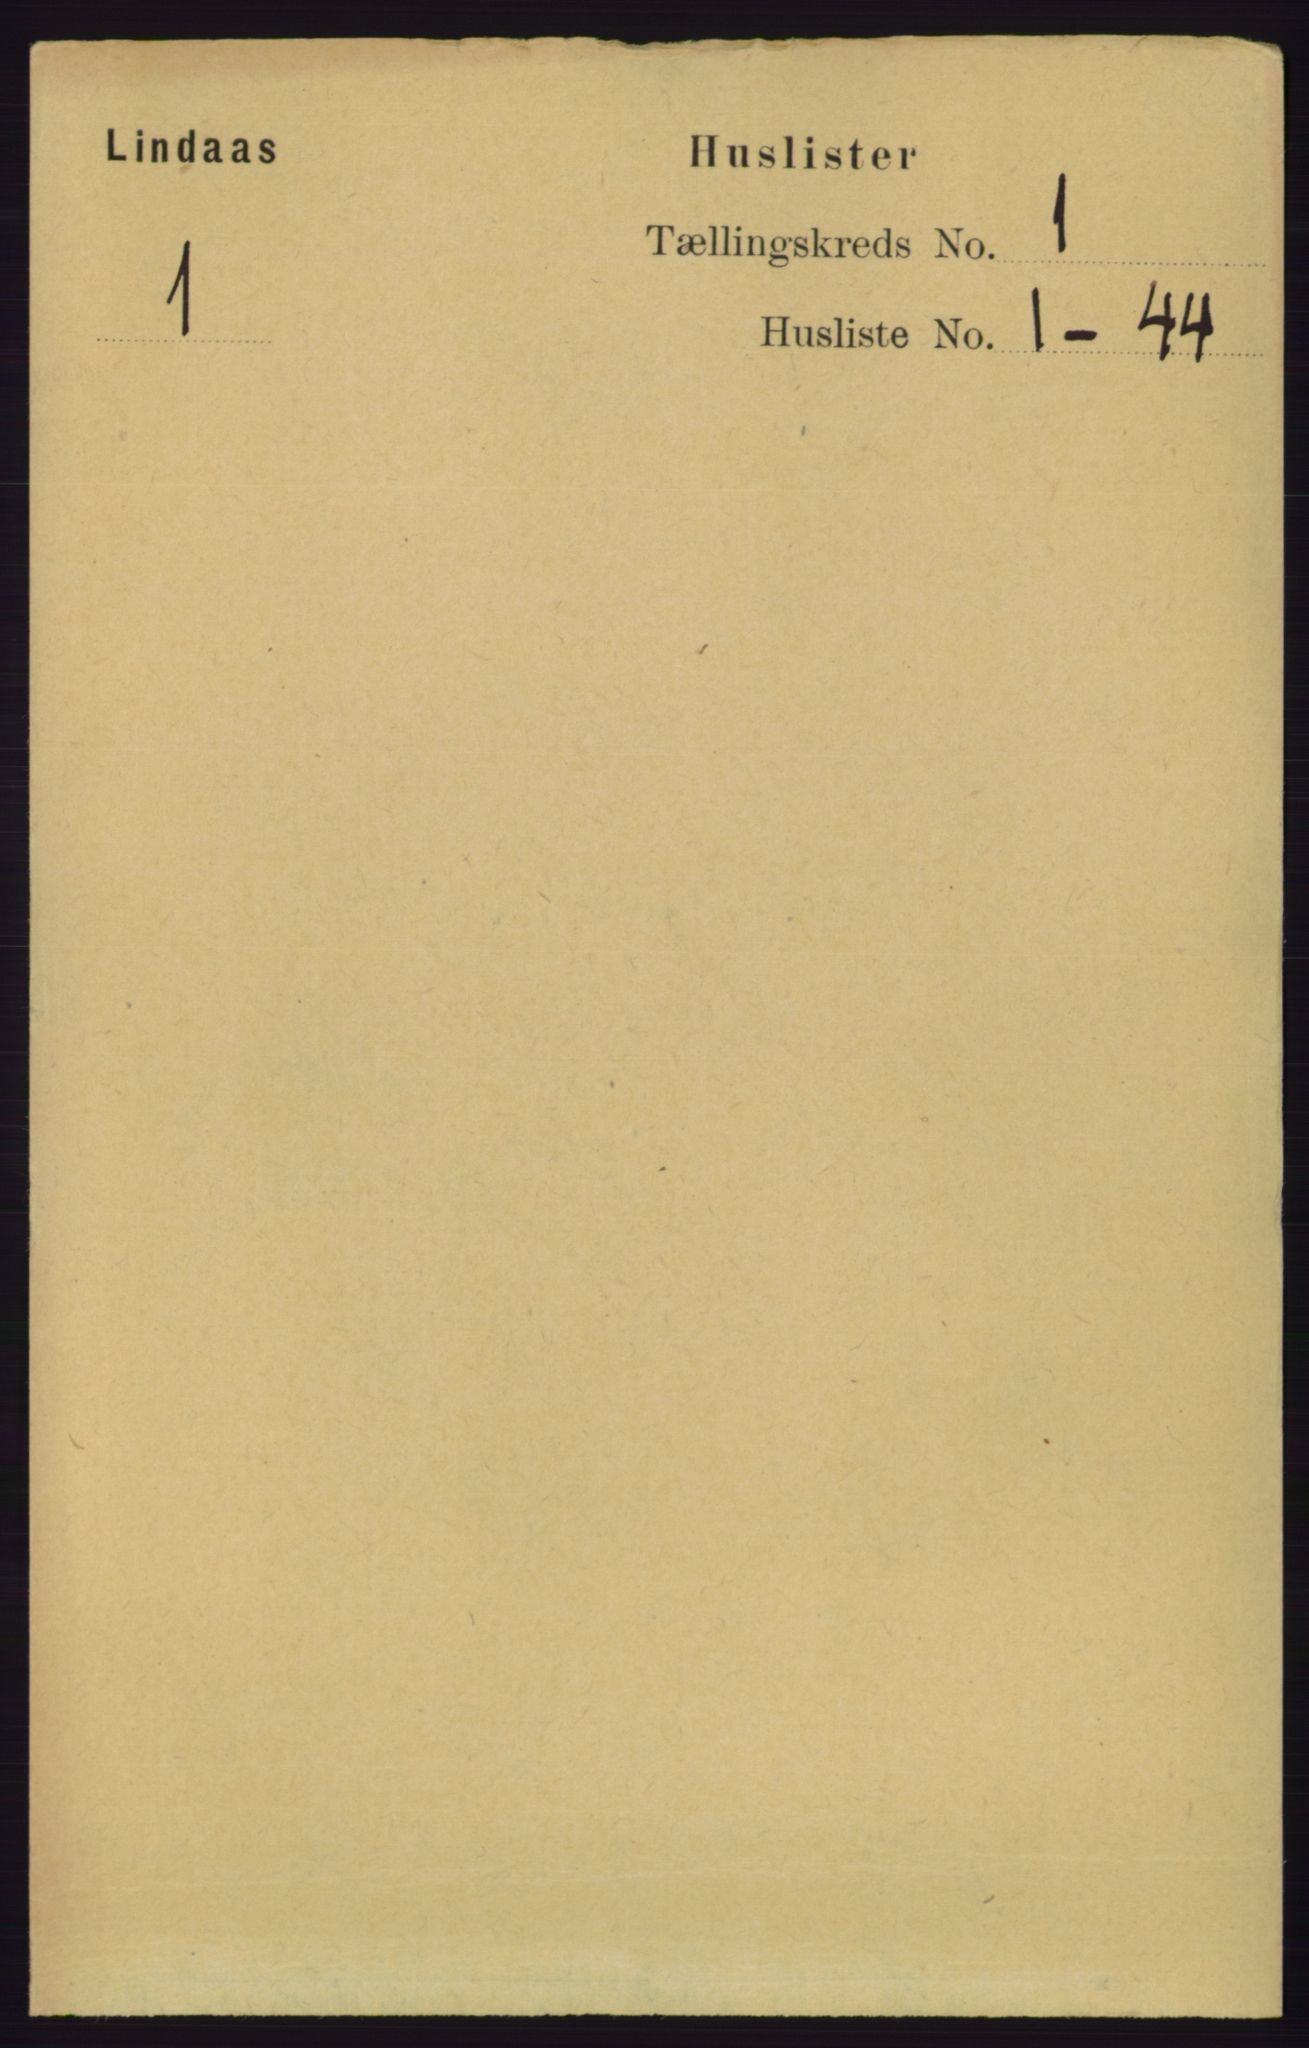 RA, Folketelling 1891 for 1263 Lindås herred, 1891, s. 46